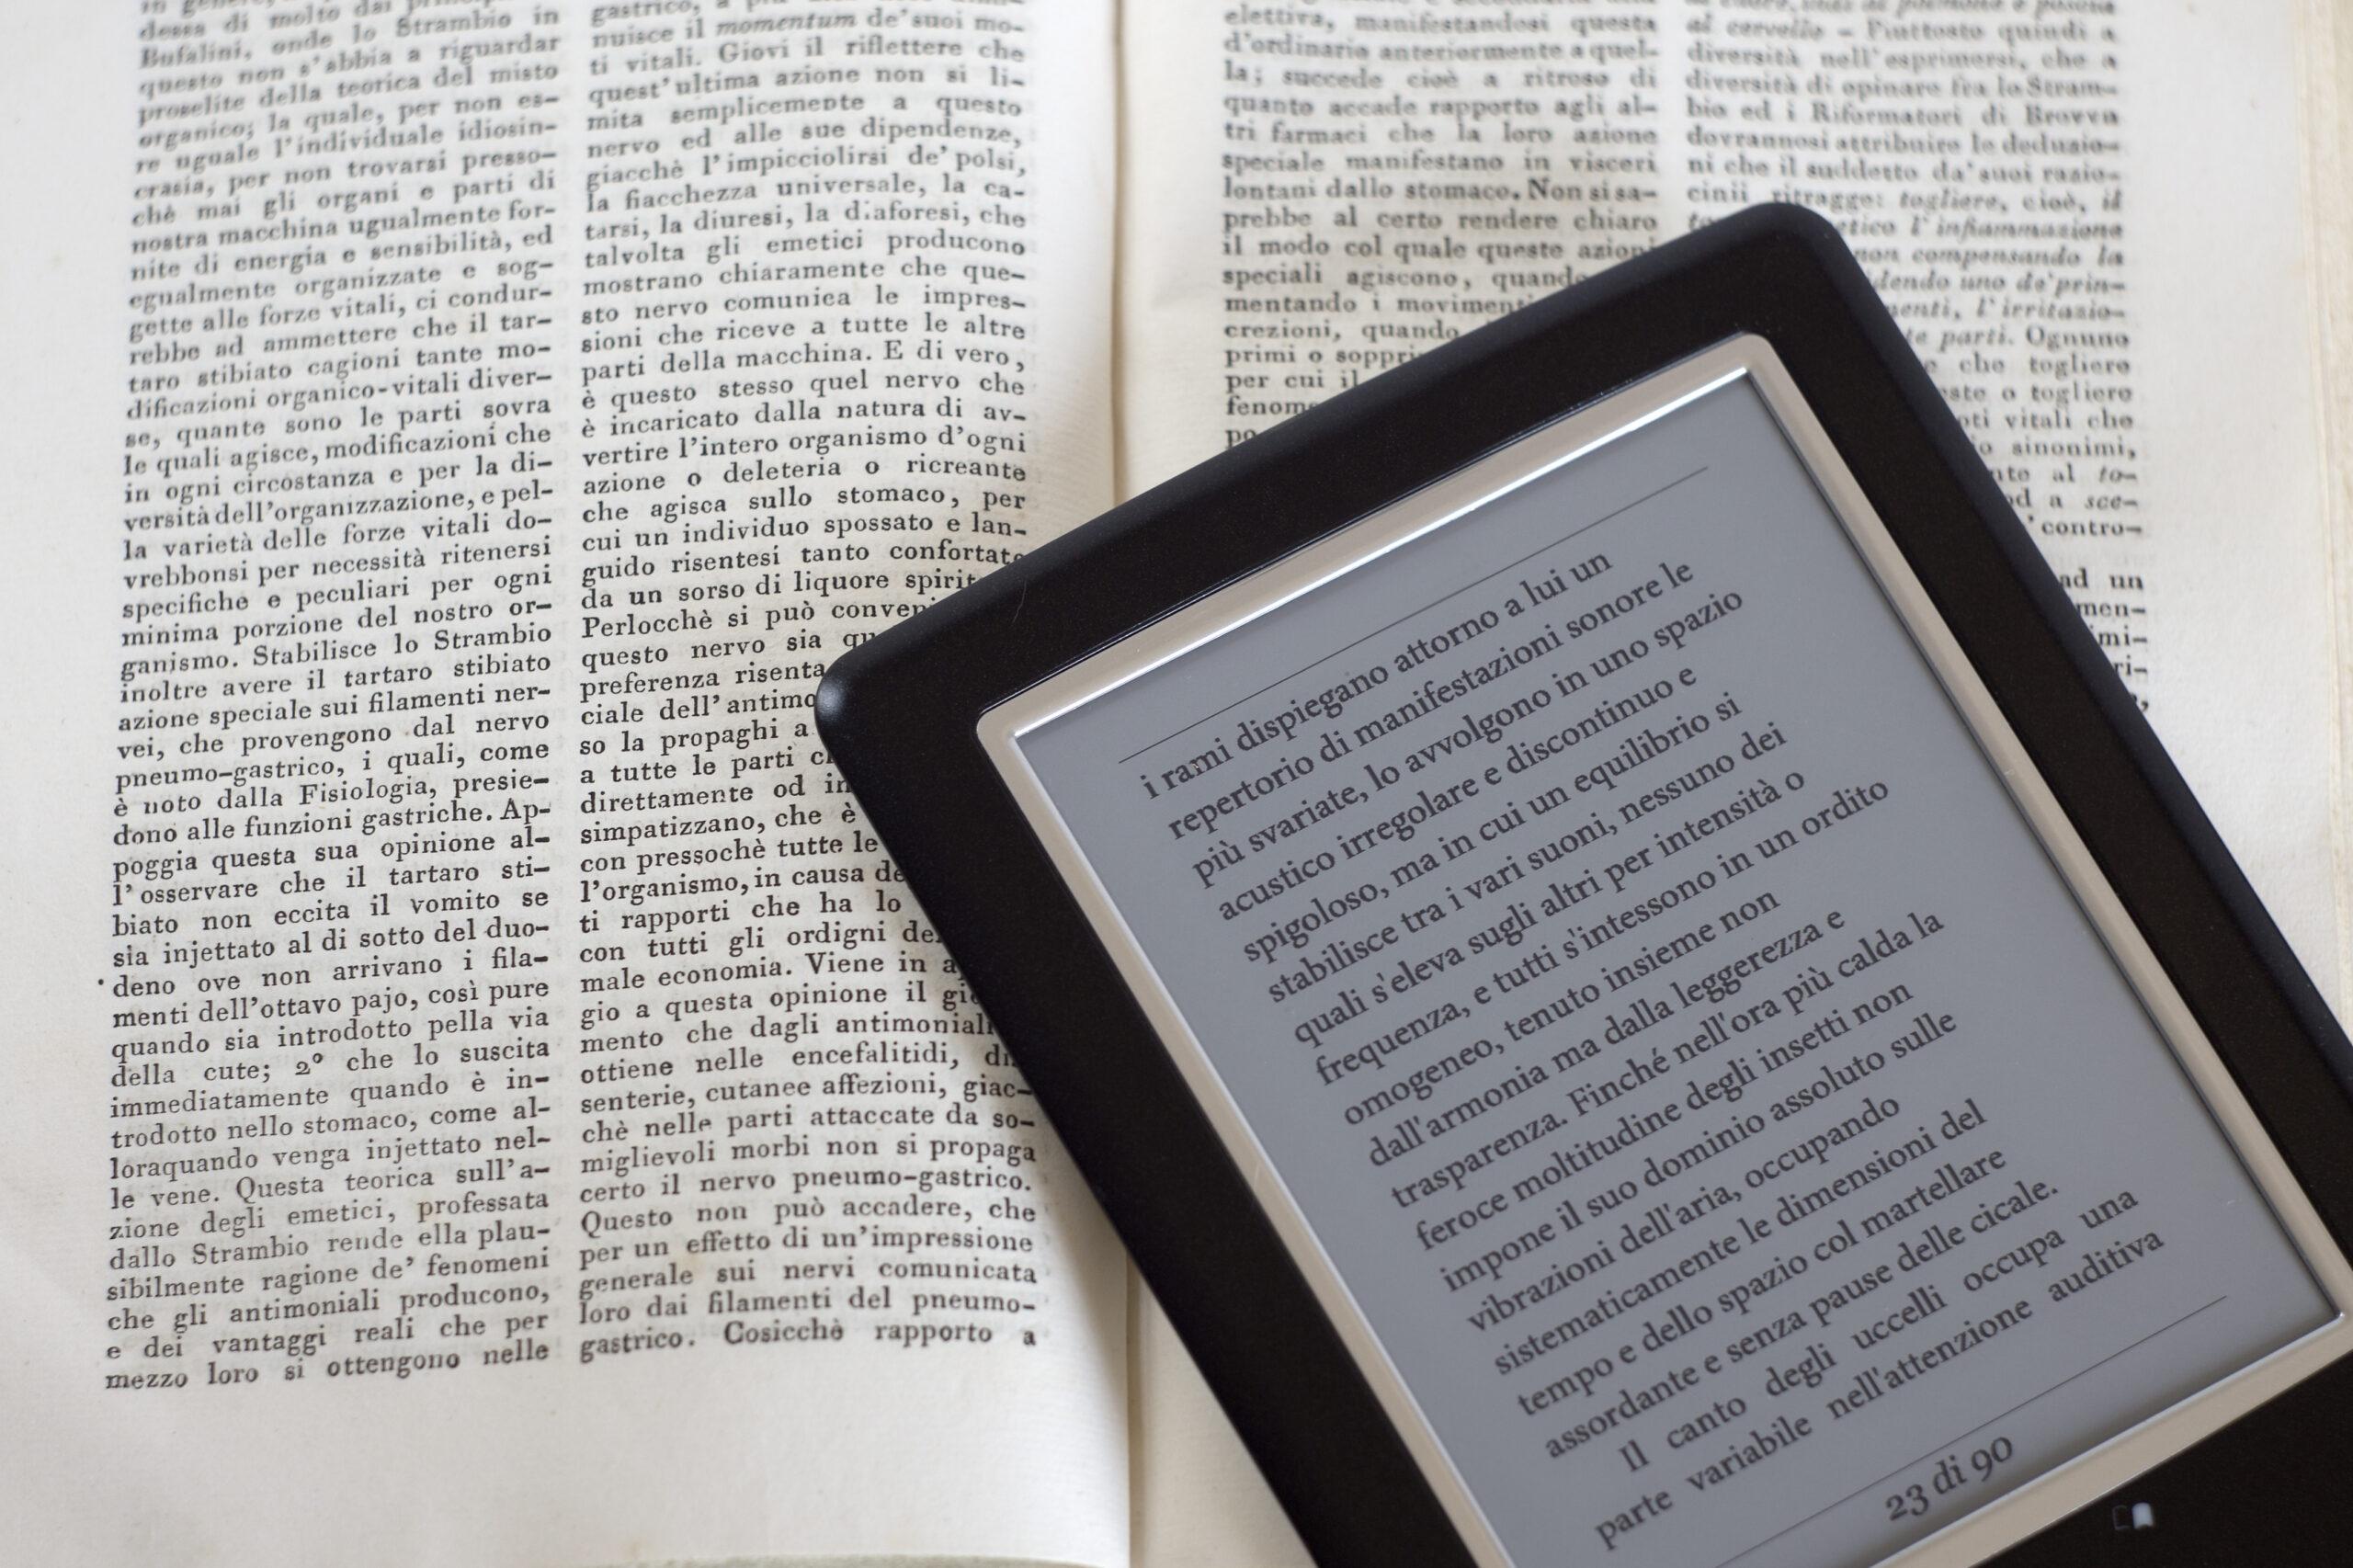 Publish and Market